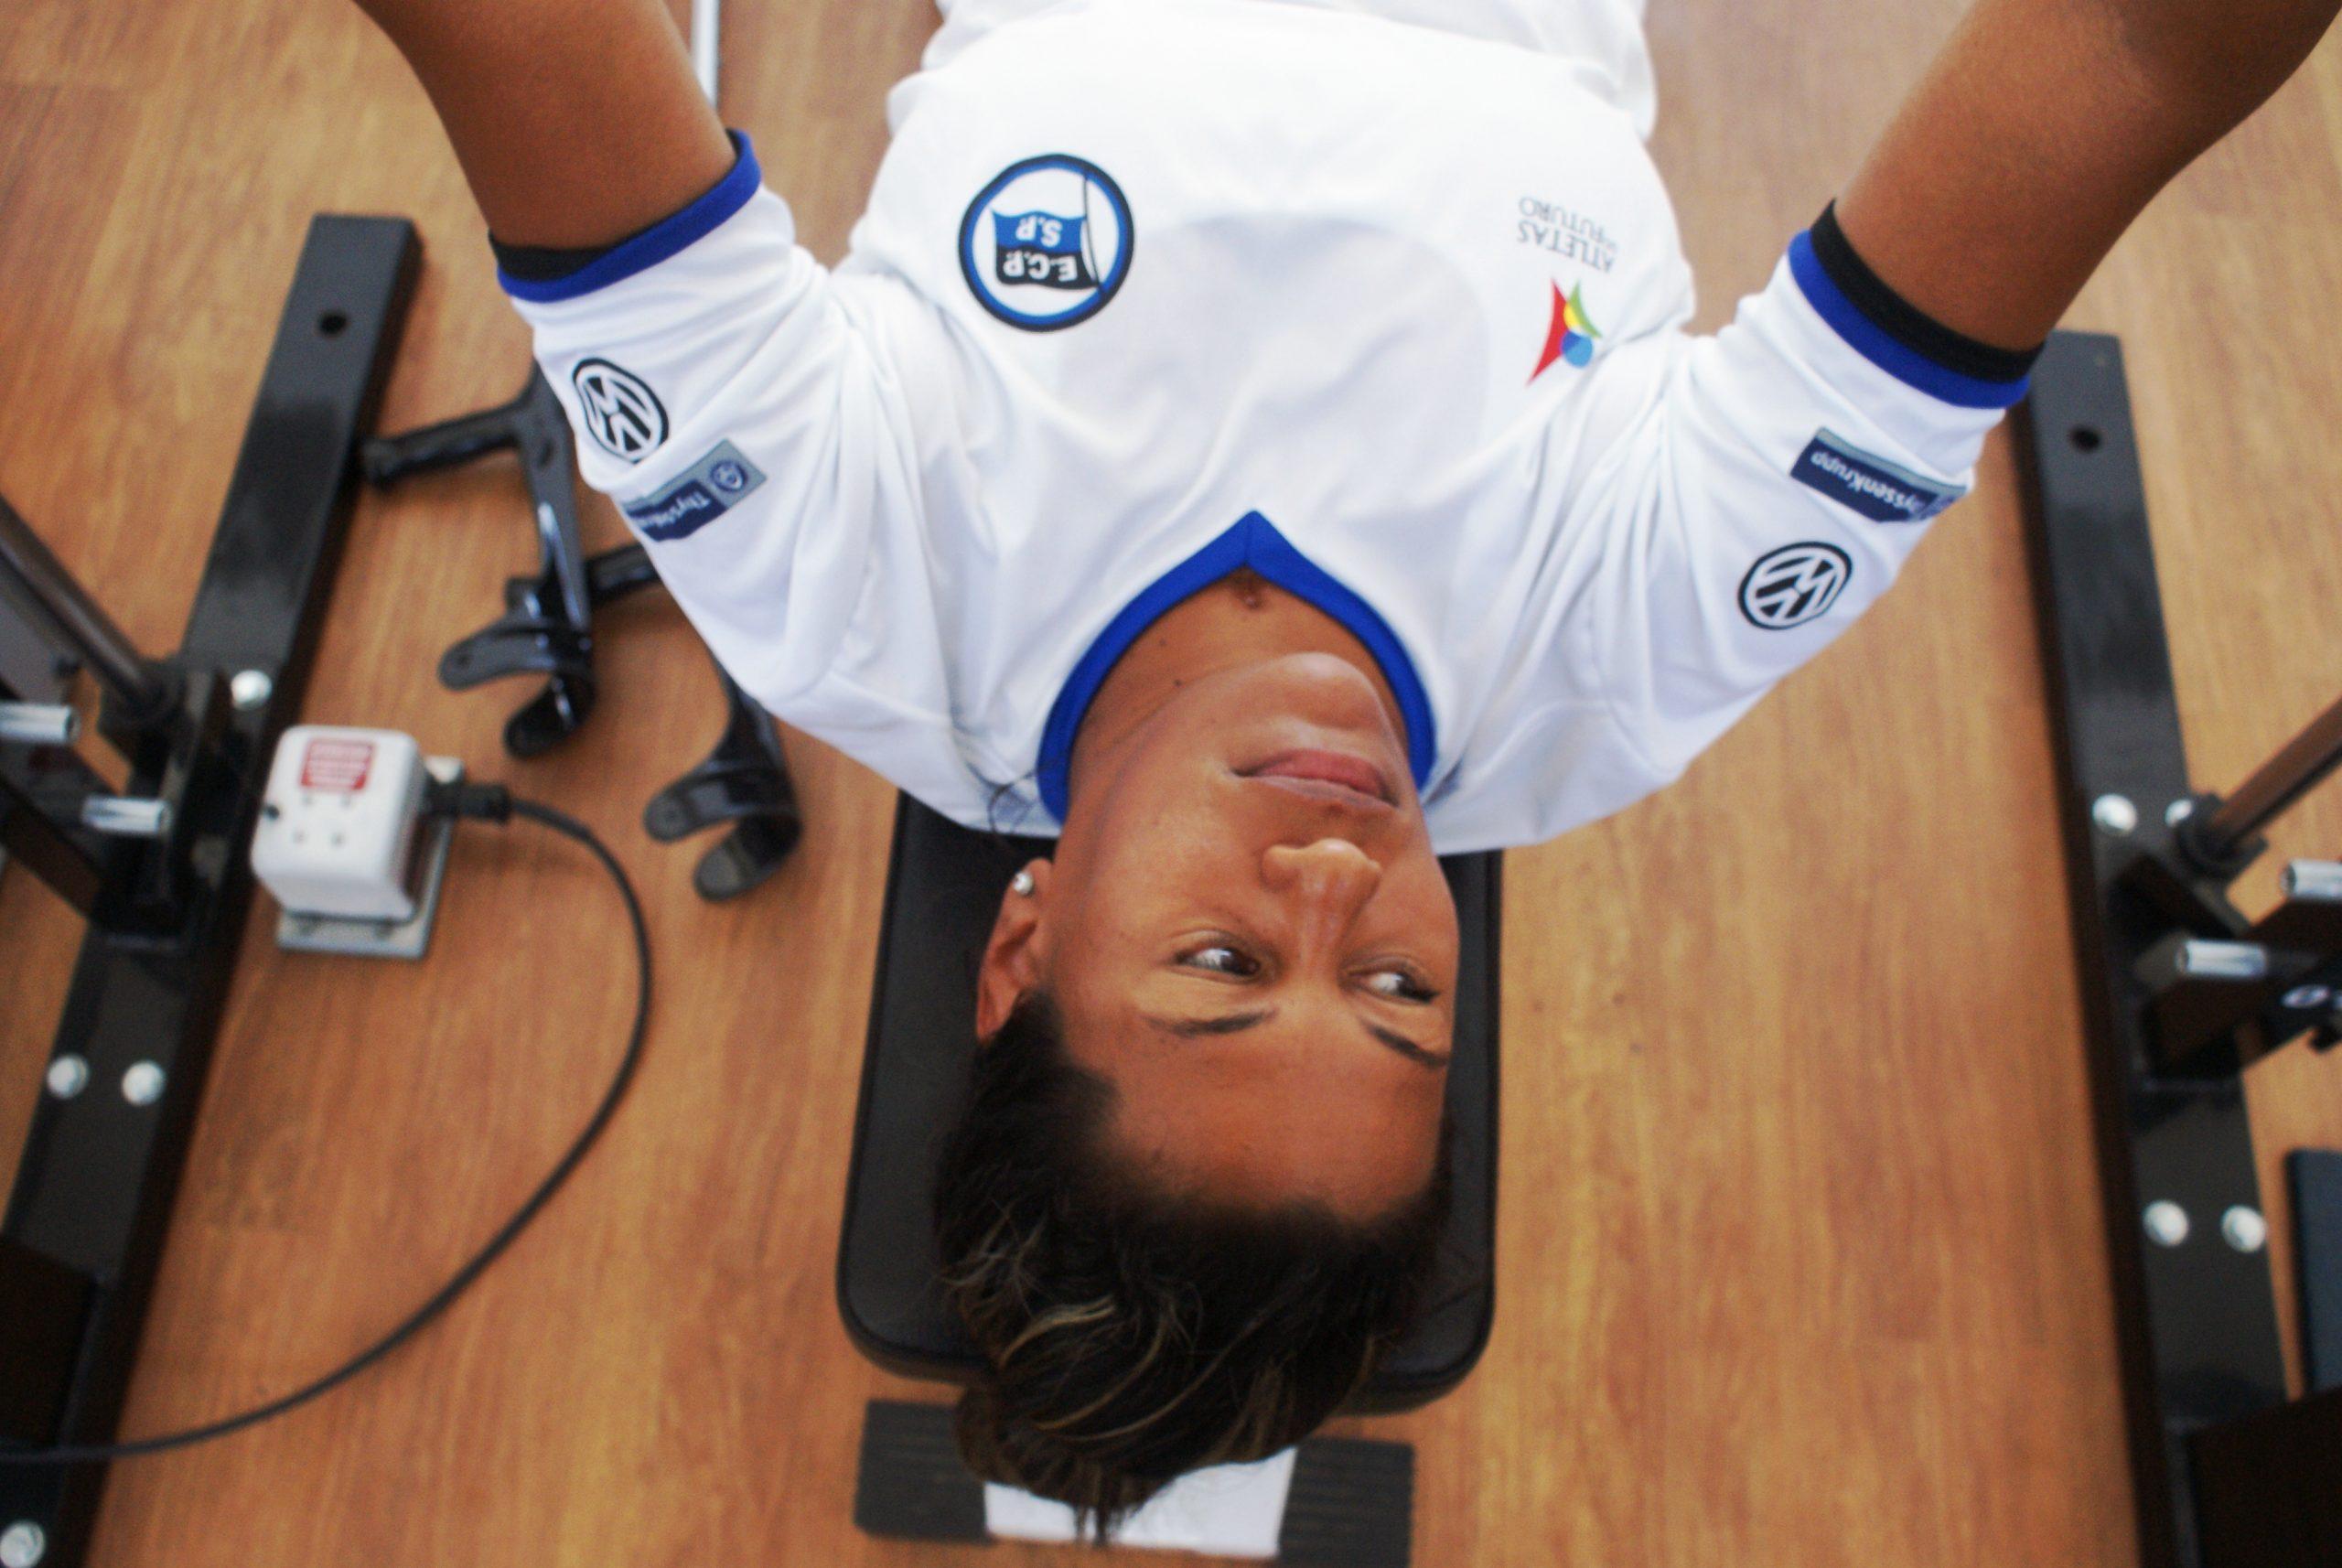 Já classificada para os Jogos Paralímpicos e retornando de lesões nos pulsos, Cláudia Santos é avaliada no NAR